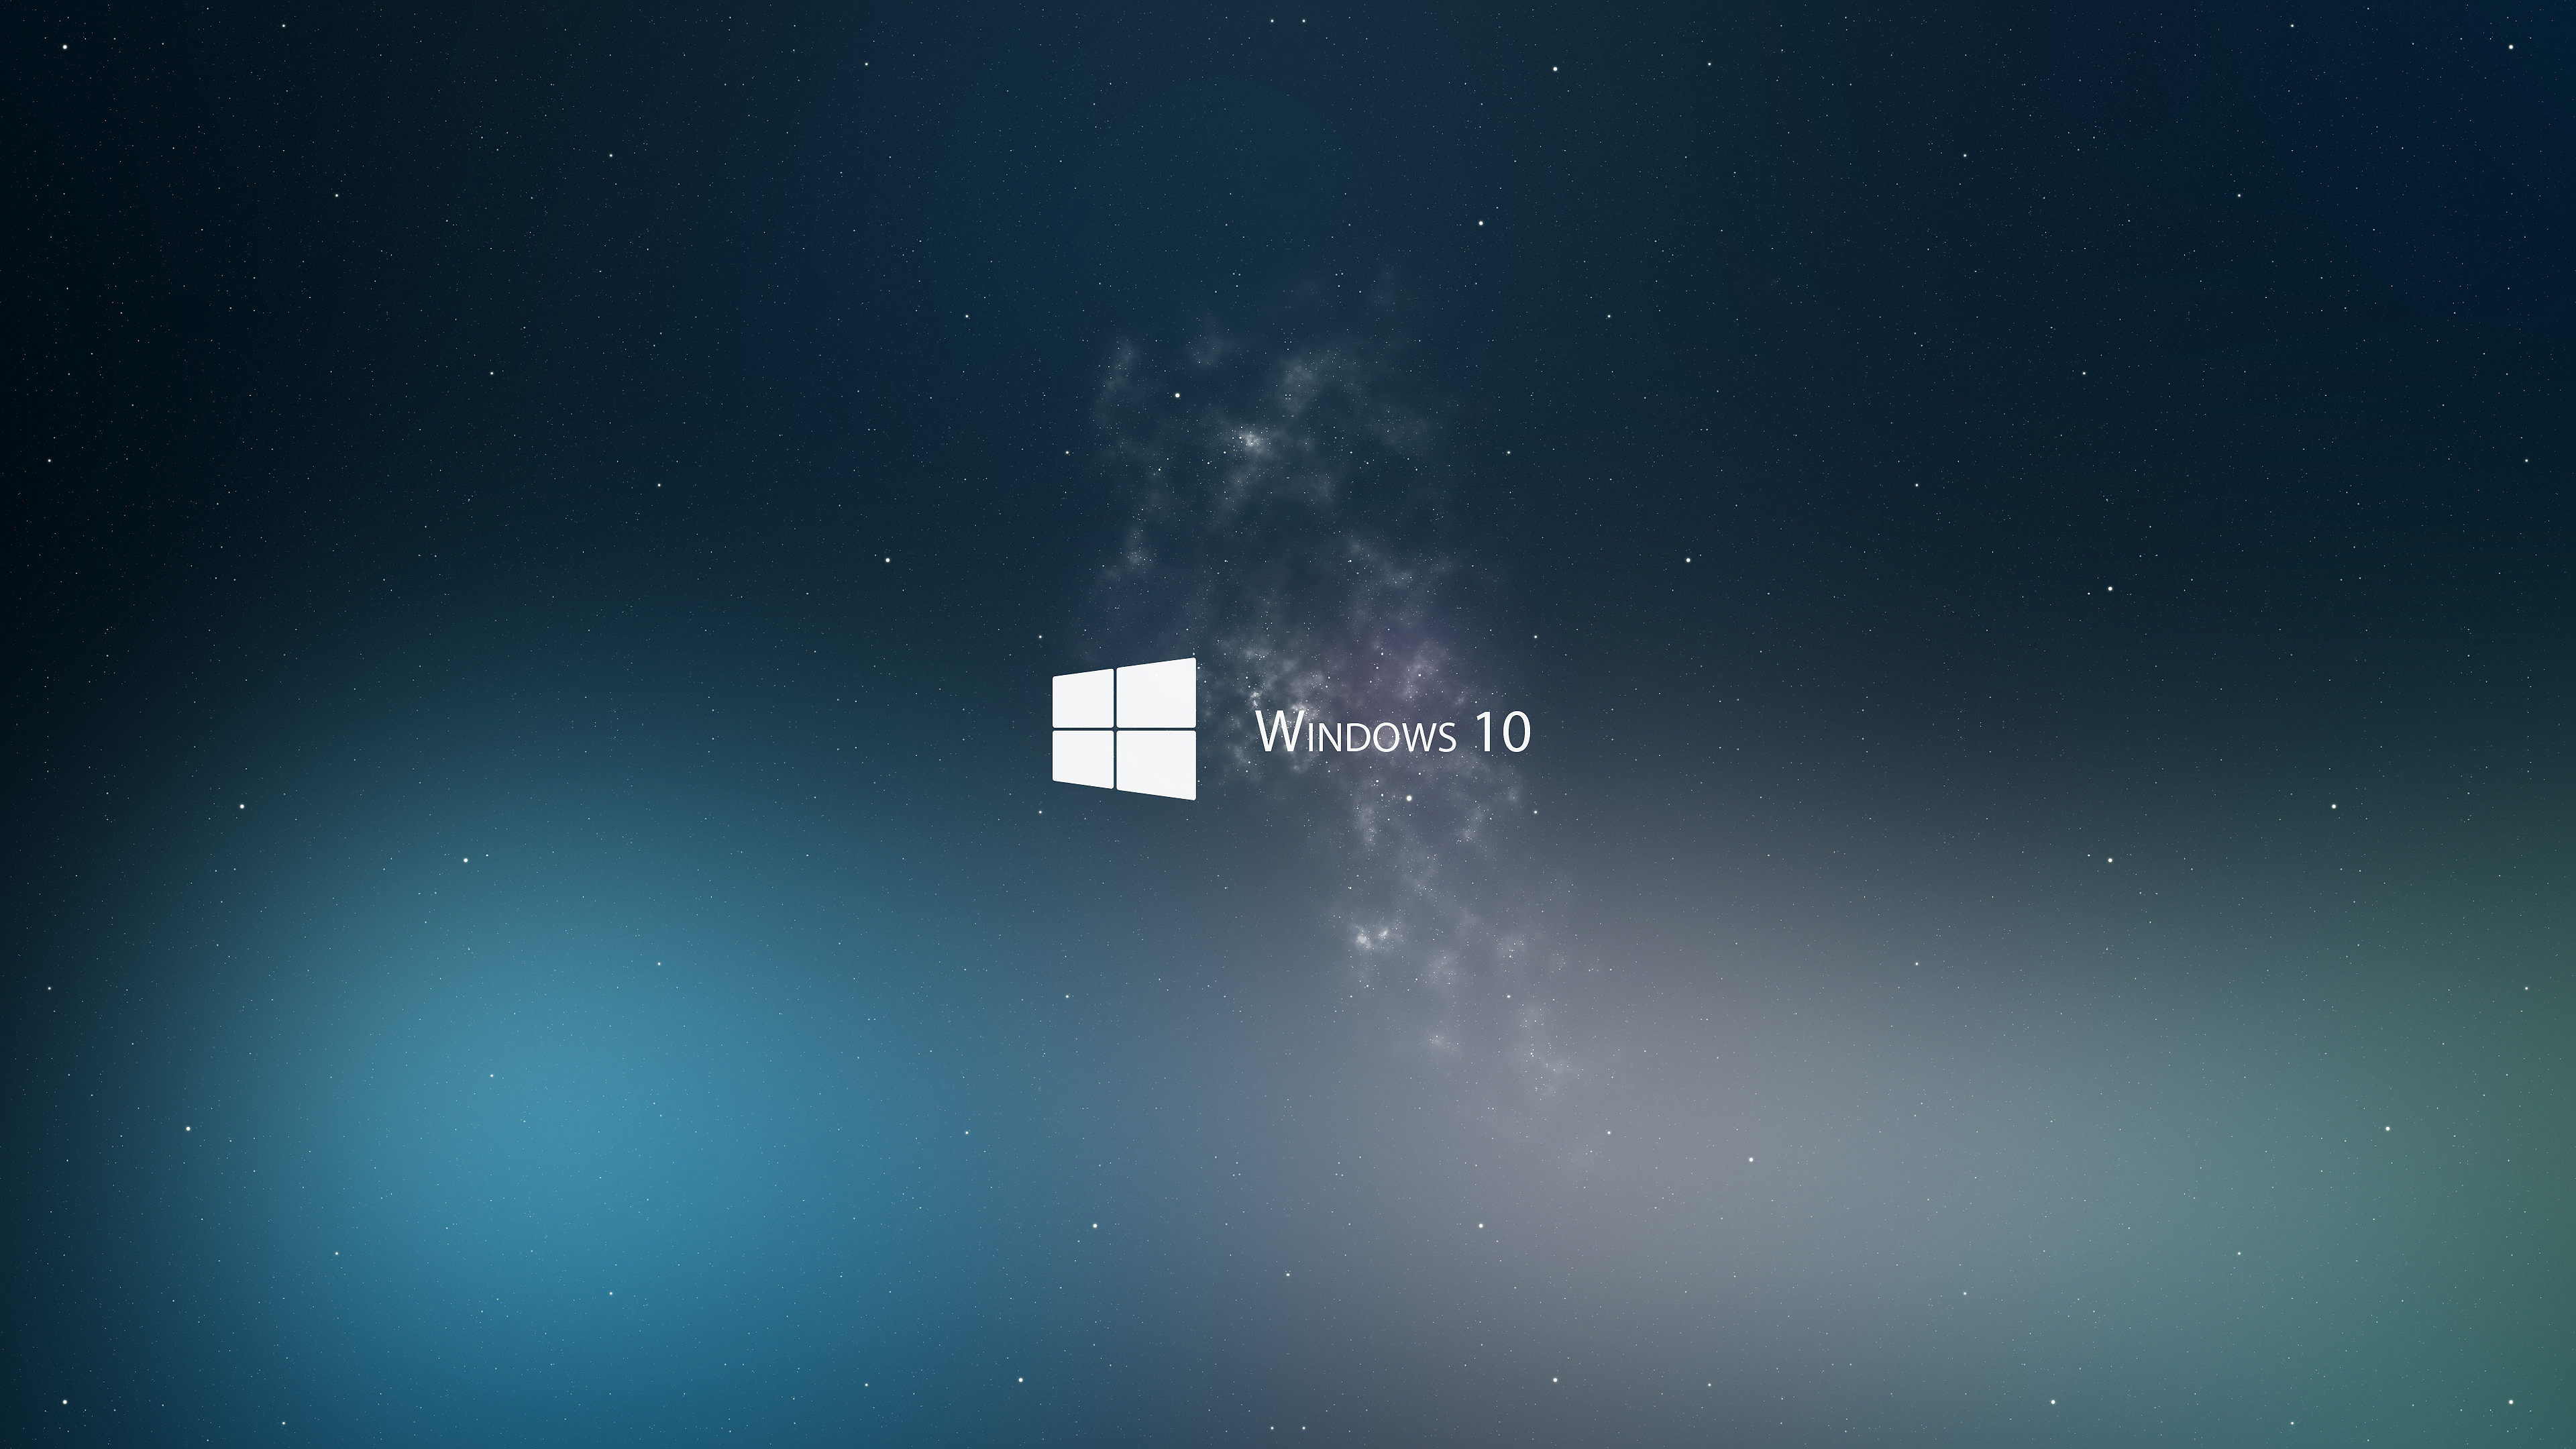 4k Wallpaper Microsoft: Microsoft 4K Wallpaper